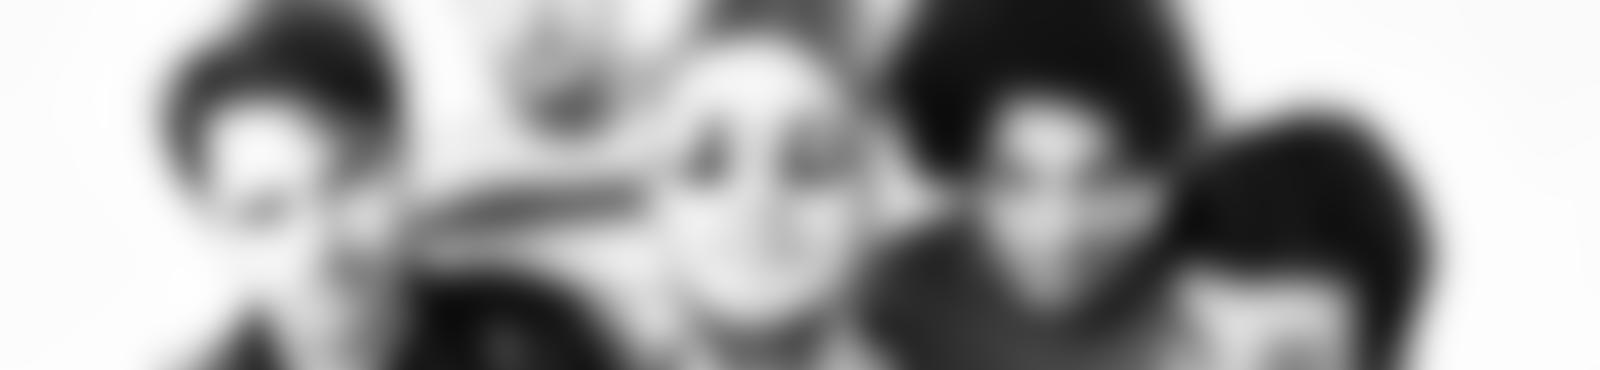 Blurred 70159817 365d 411c 9c5c f4bcdd033e91